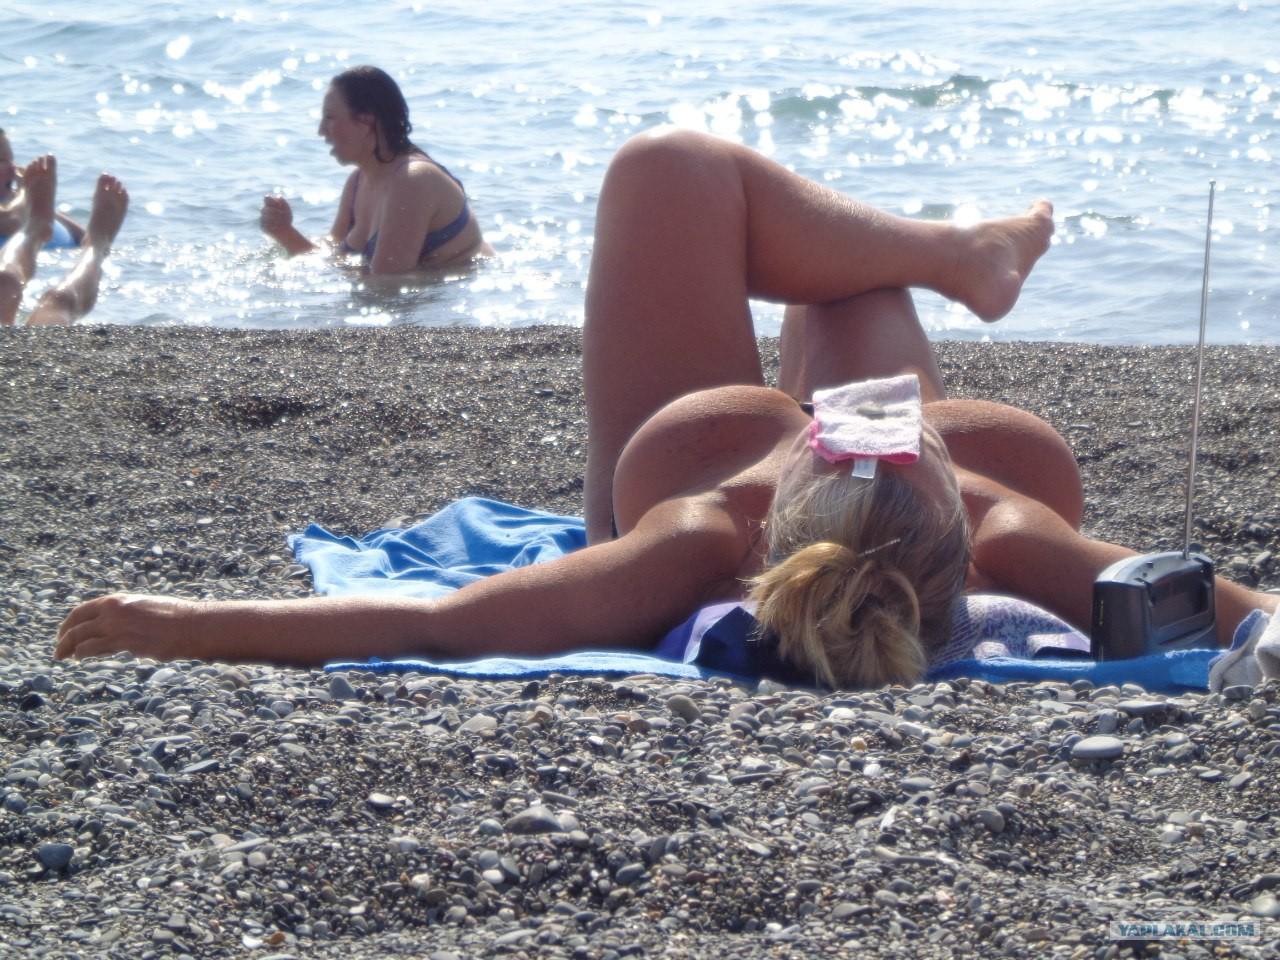 Фото нудистов сочи, Нудистские пляжи Сочи: секретные места, о которых не 16 фотография